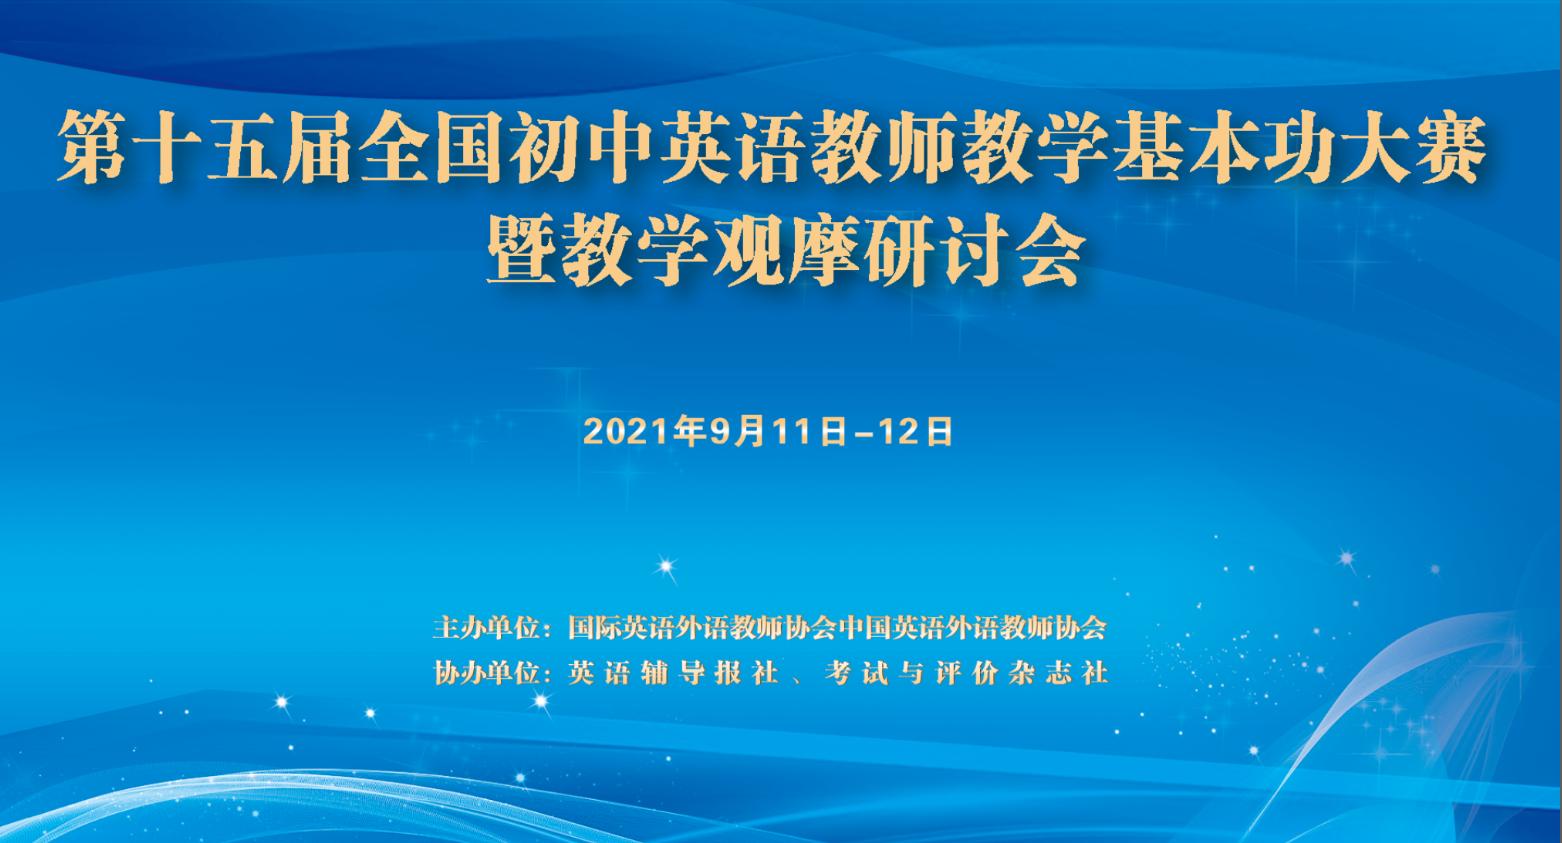 【新闻】第十五届初中英语教师教学基本功大赛成功举办